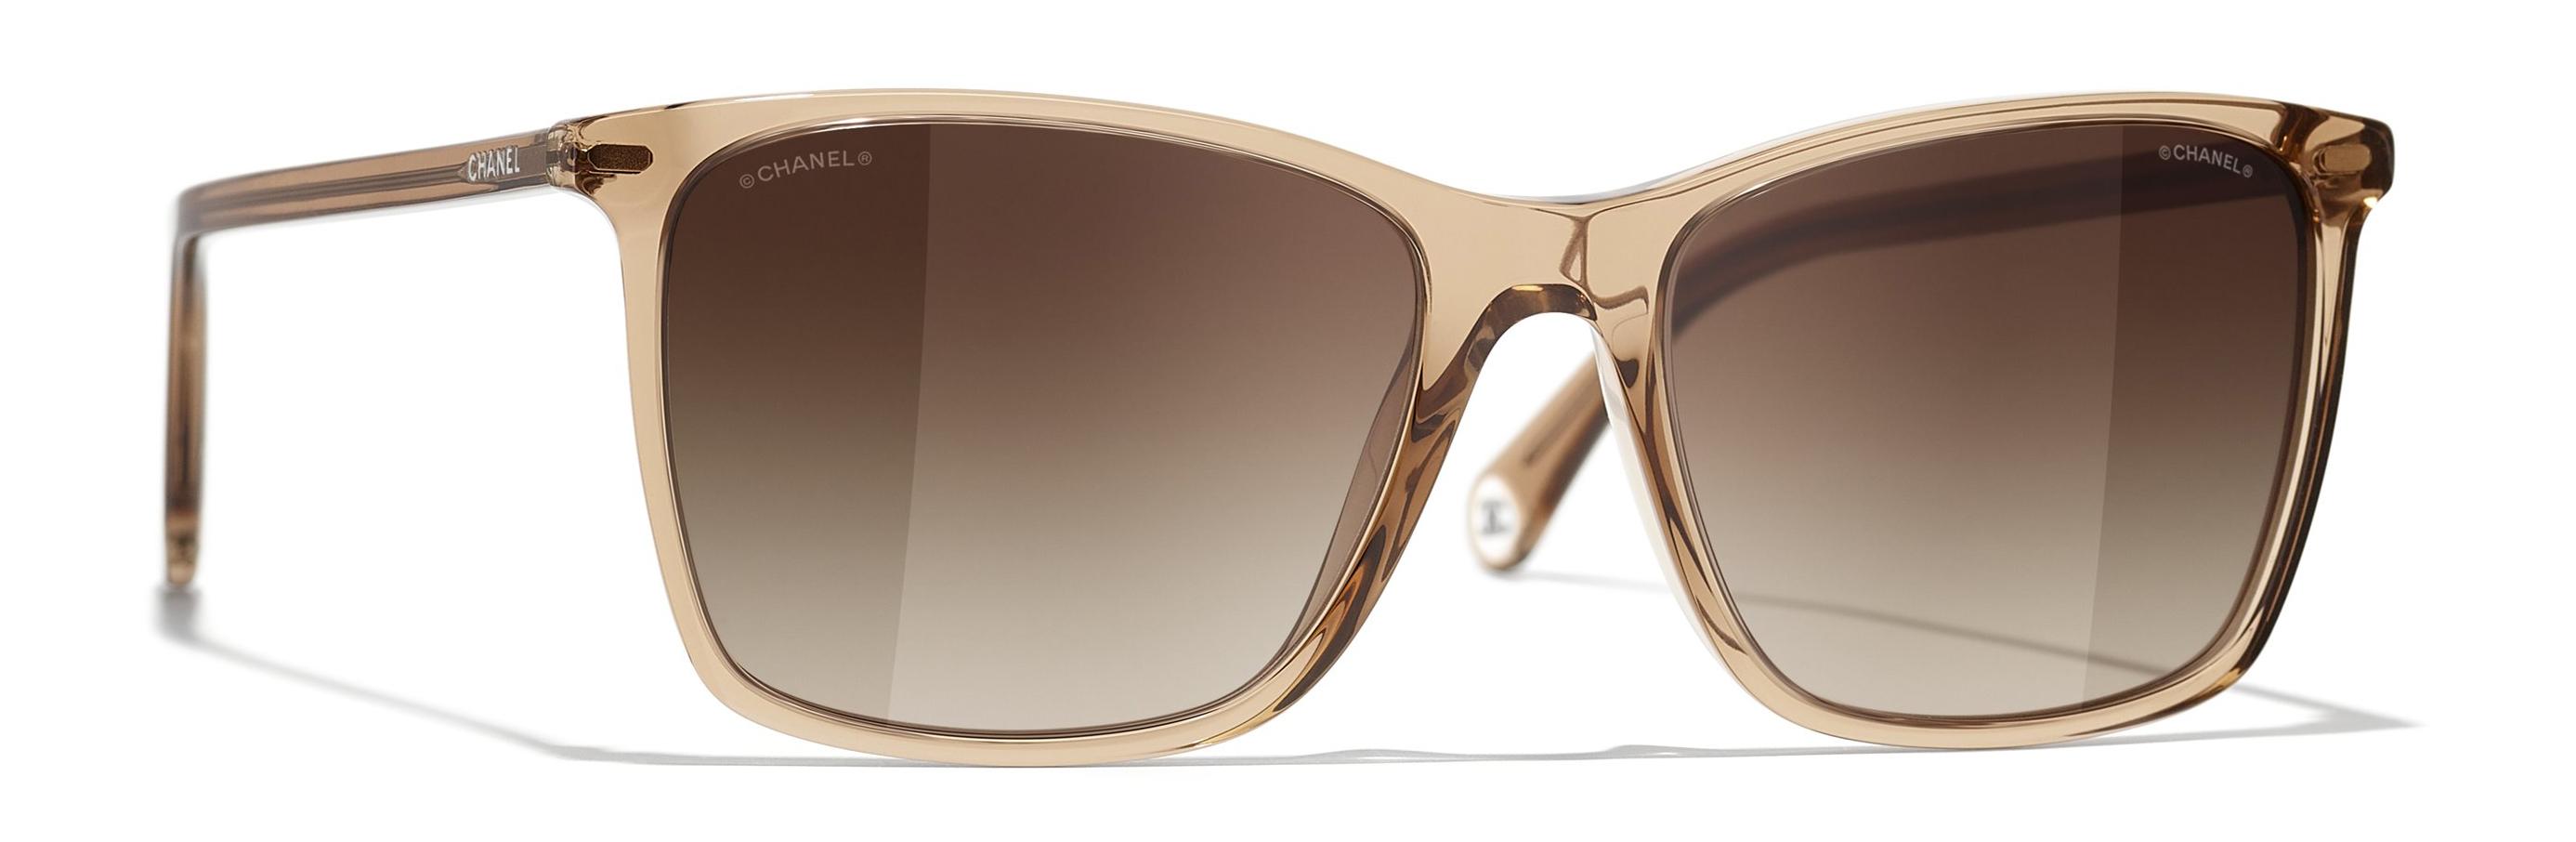 Sunglasses CHANEL CH 5447 1090S5 55/17